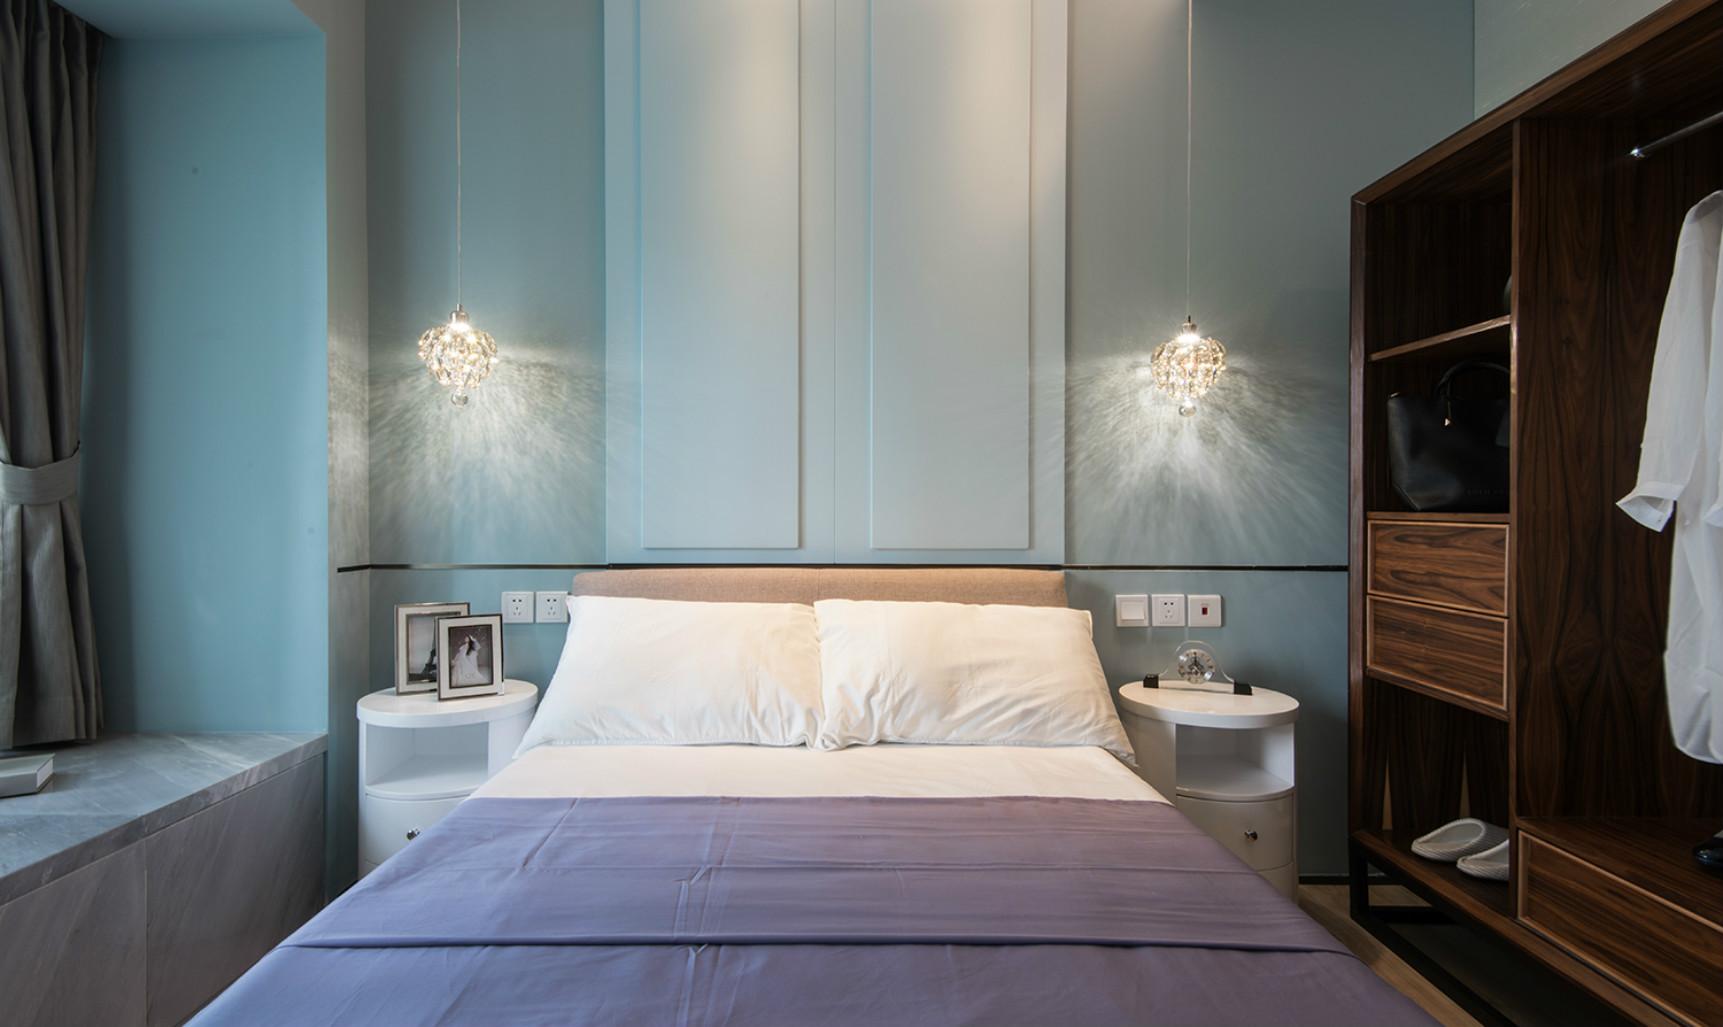 卧室床头两边挂着精致的吊灯,给整个空间点燃了炫彩